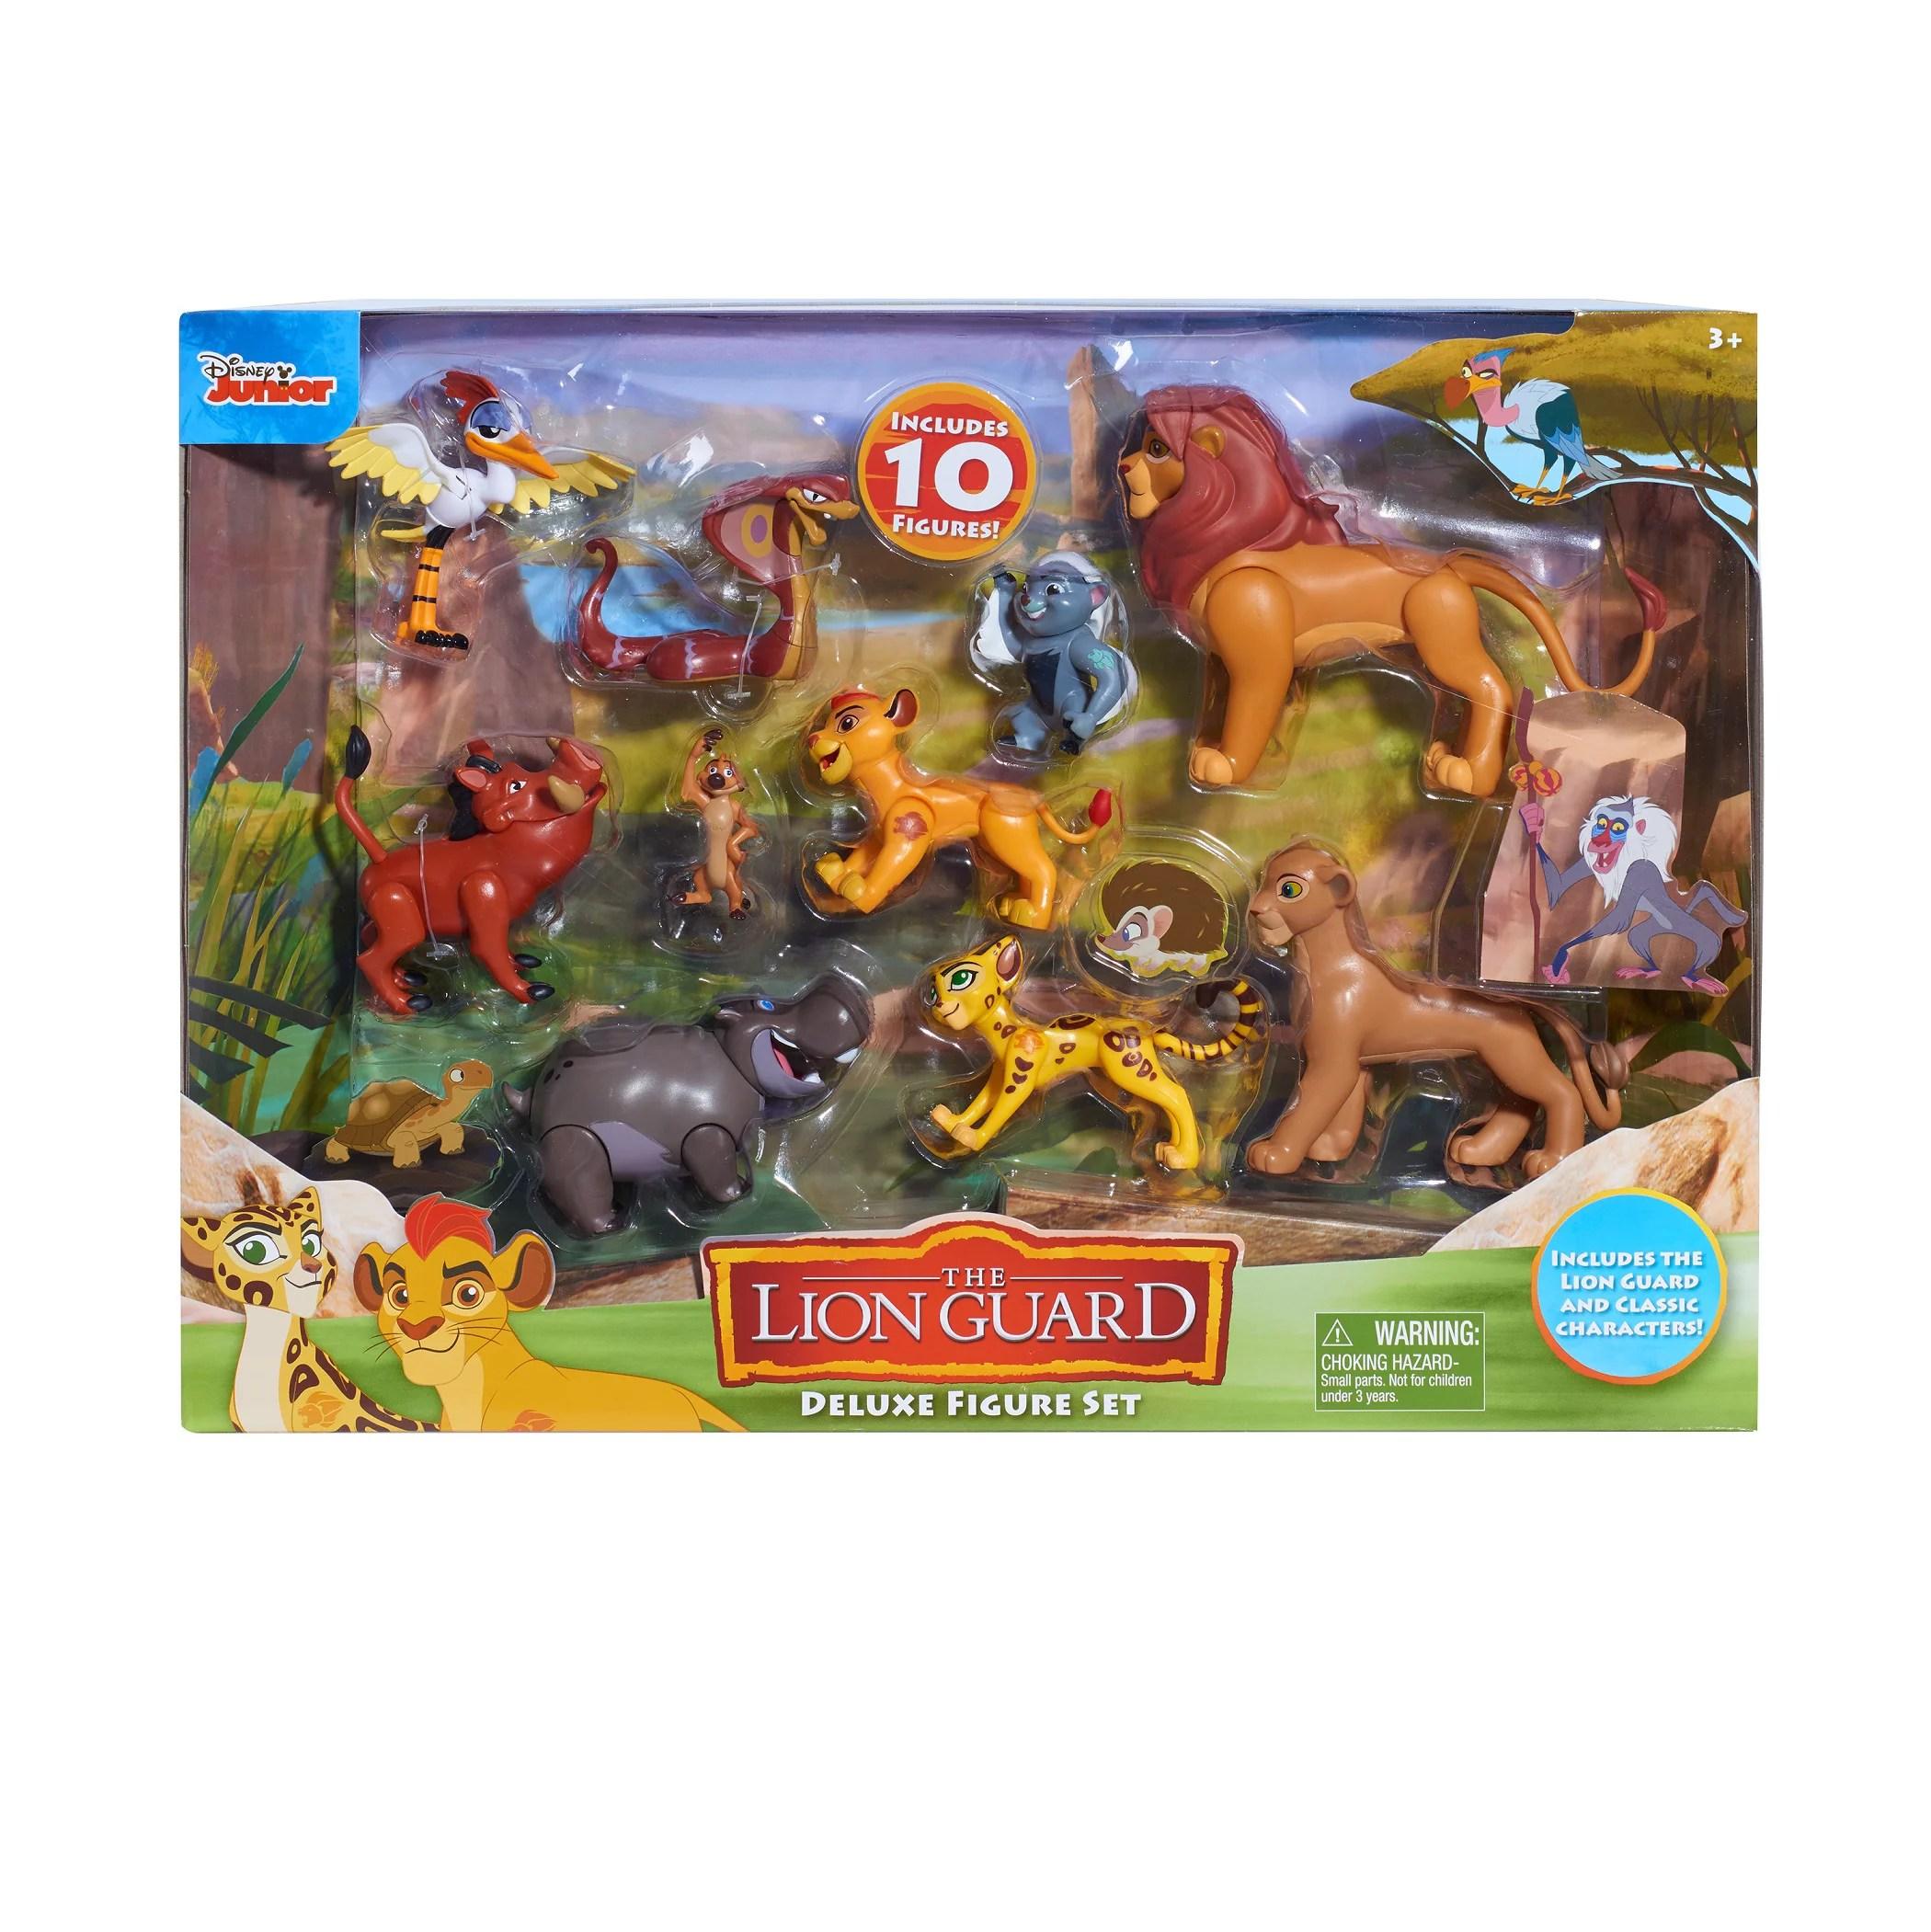 Disney Lion Guard Deluxe 10 Piece Figure Set Includes